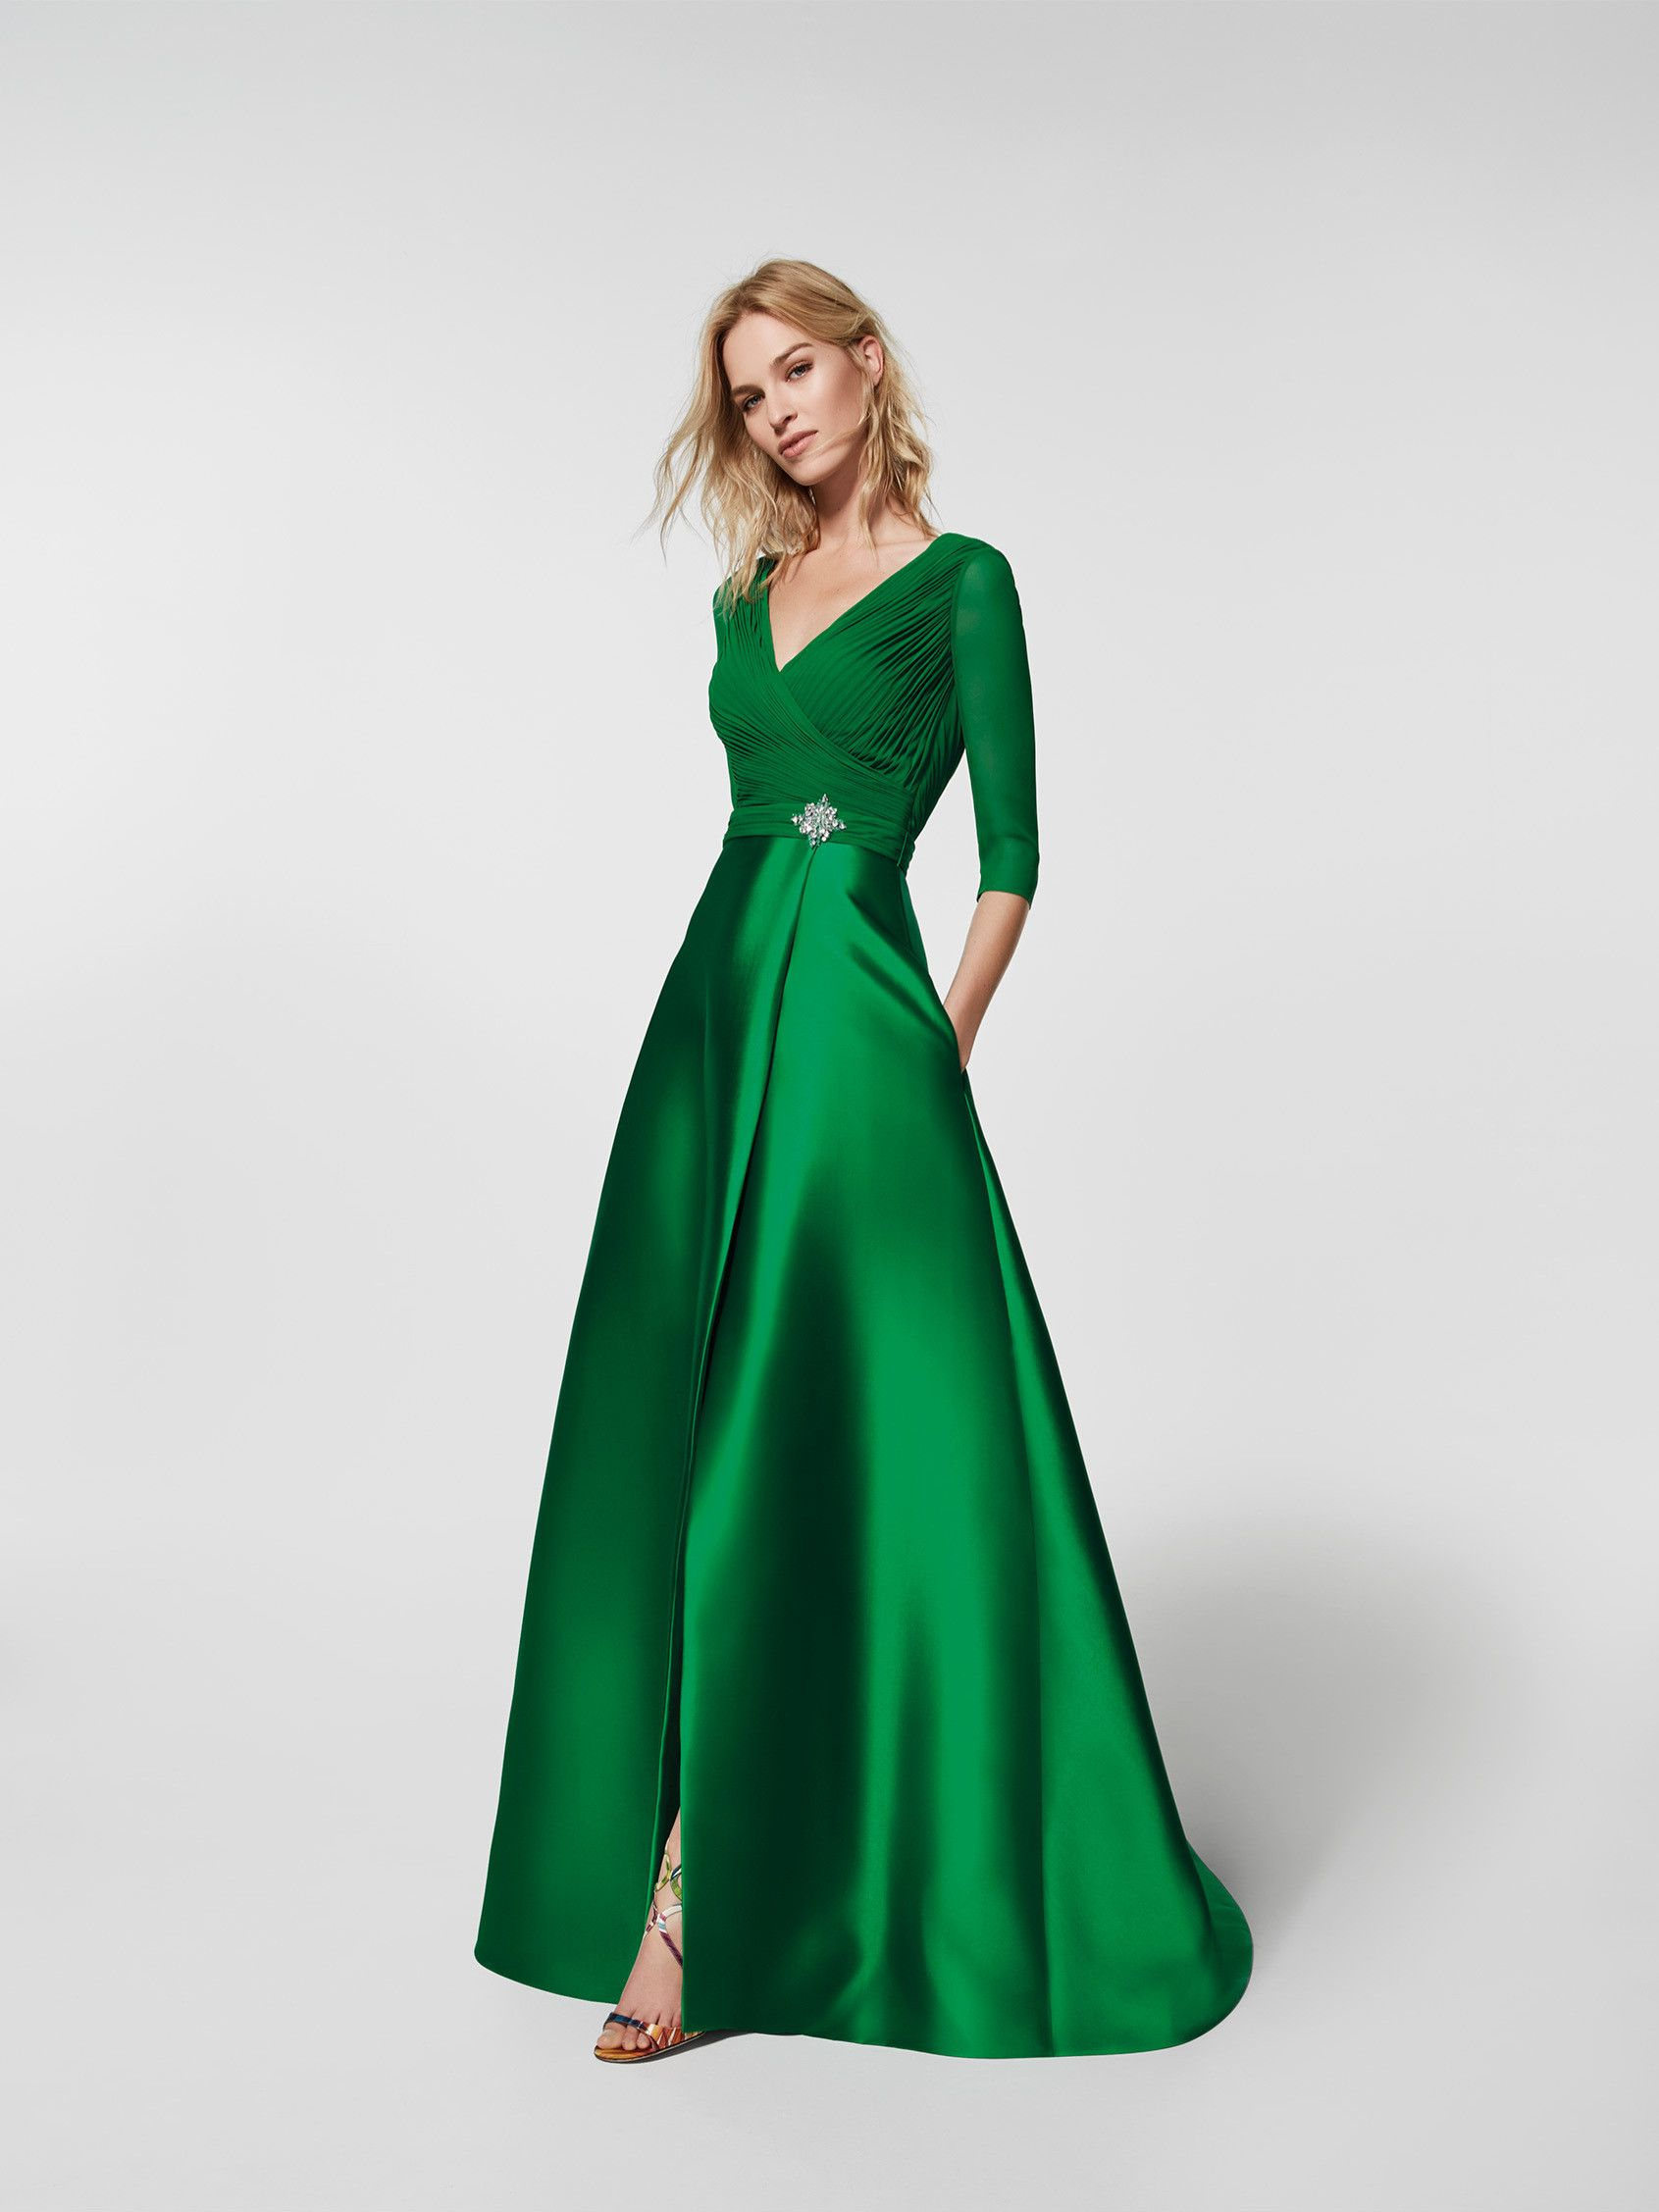 4ecd5692aaa Зеленое вечернее платье GRACIELA с V-образным вырезом впереди и глубоким V- образным вырезом